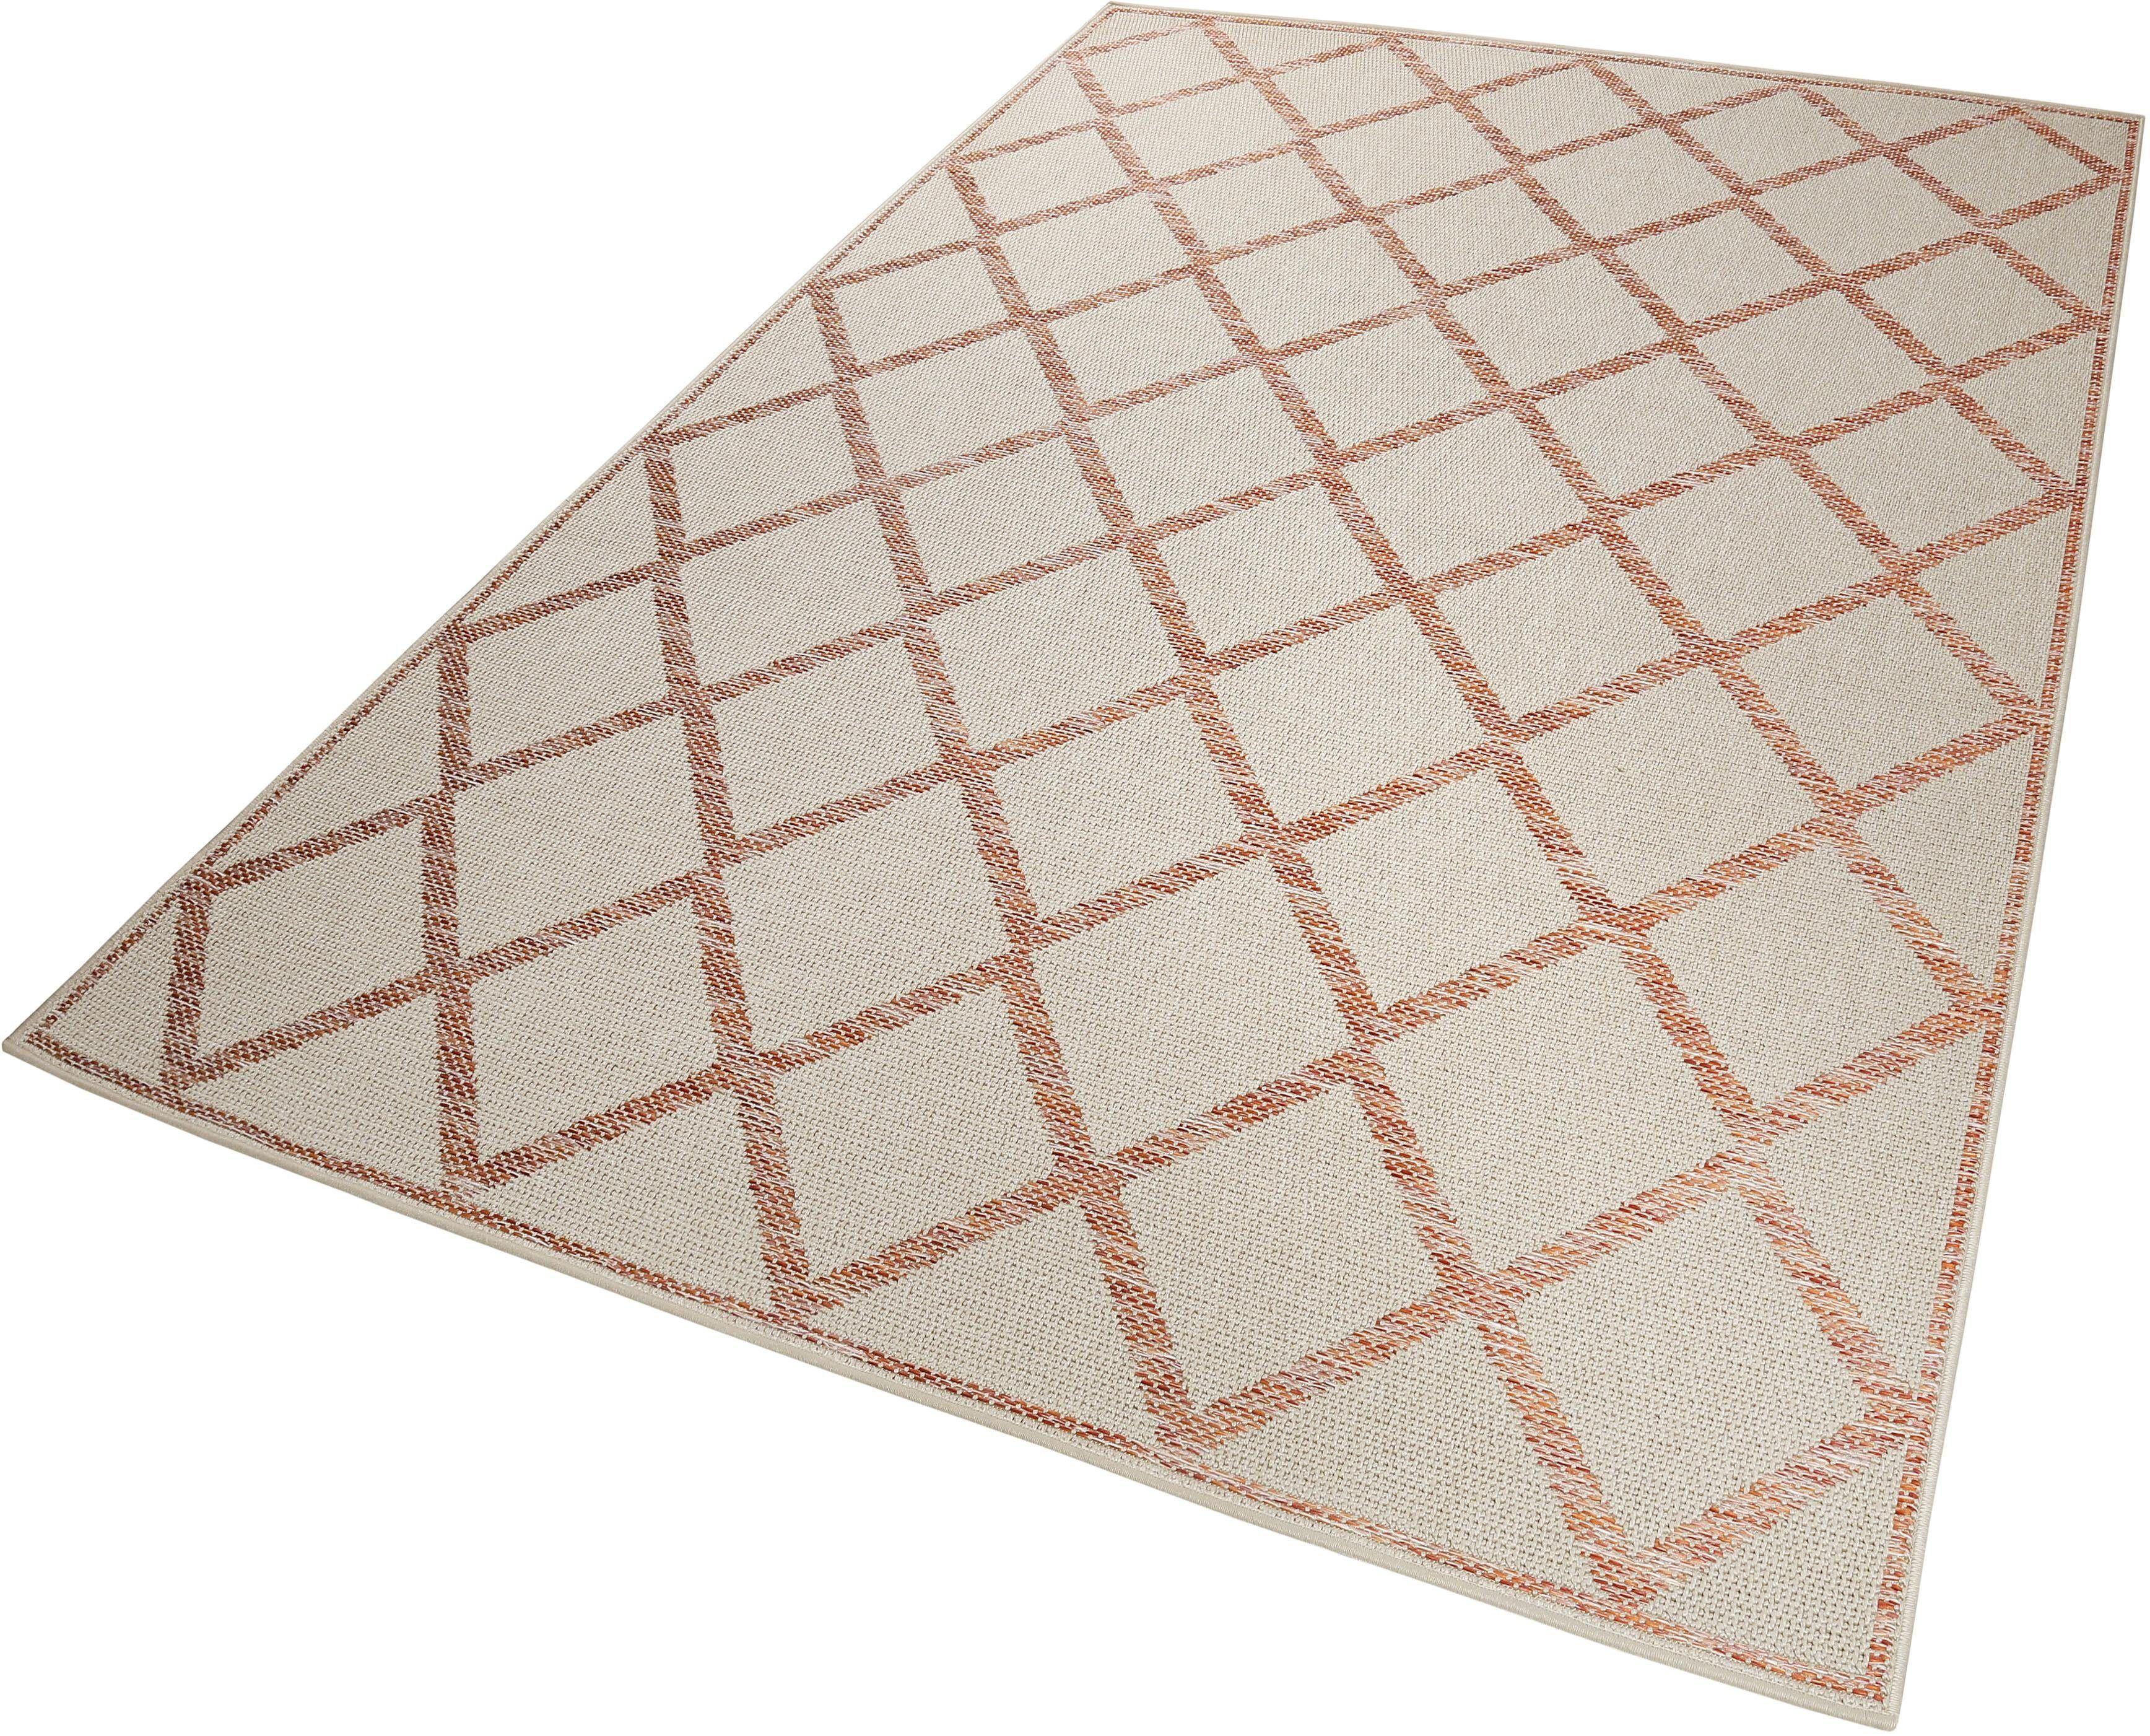 Esprit Teppich »Rhomb«, , rechteckig, Höhe 5 mm, In- und Outdoor geeignet, orange-beige